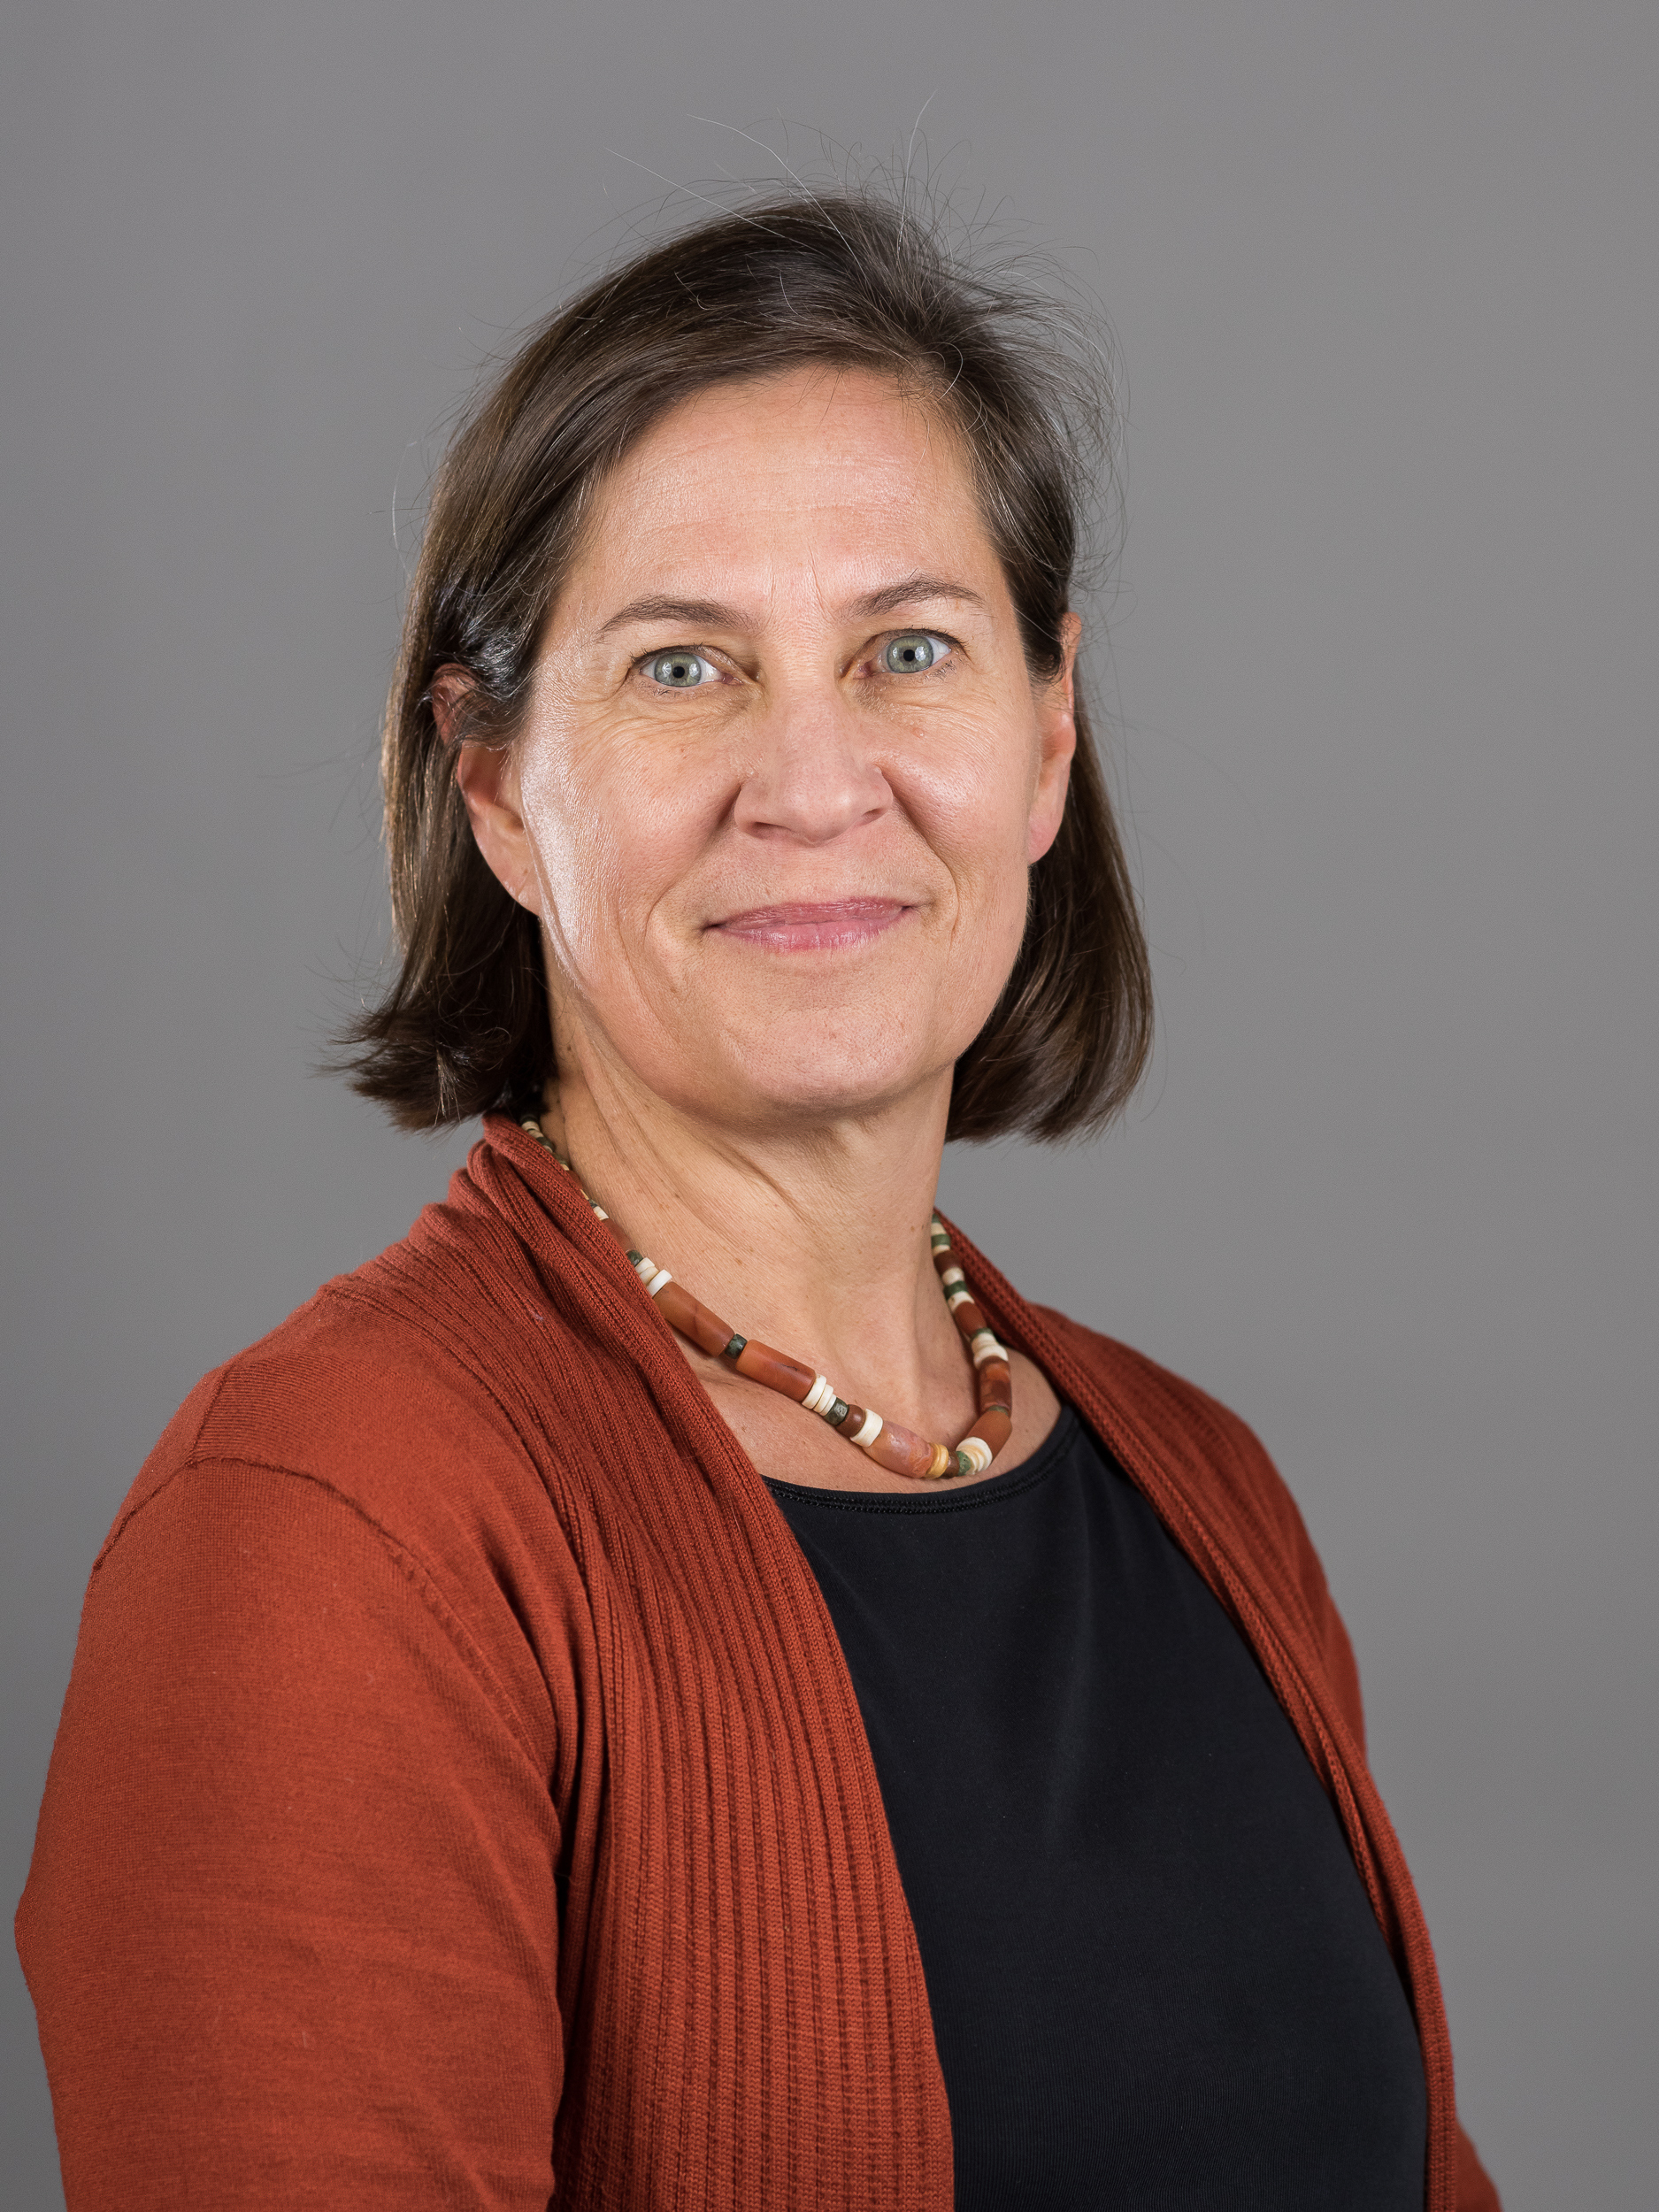 Susan Swensen Witherup